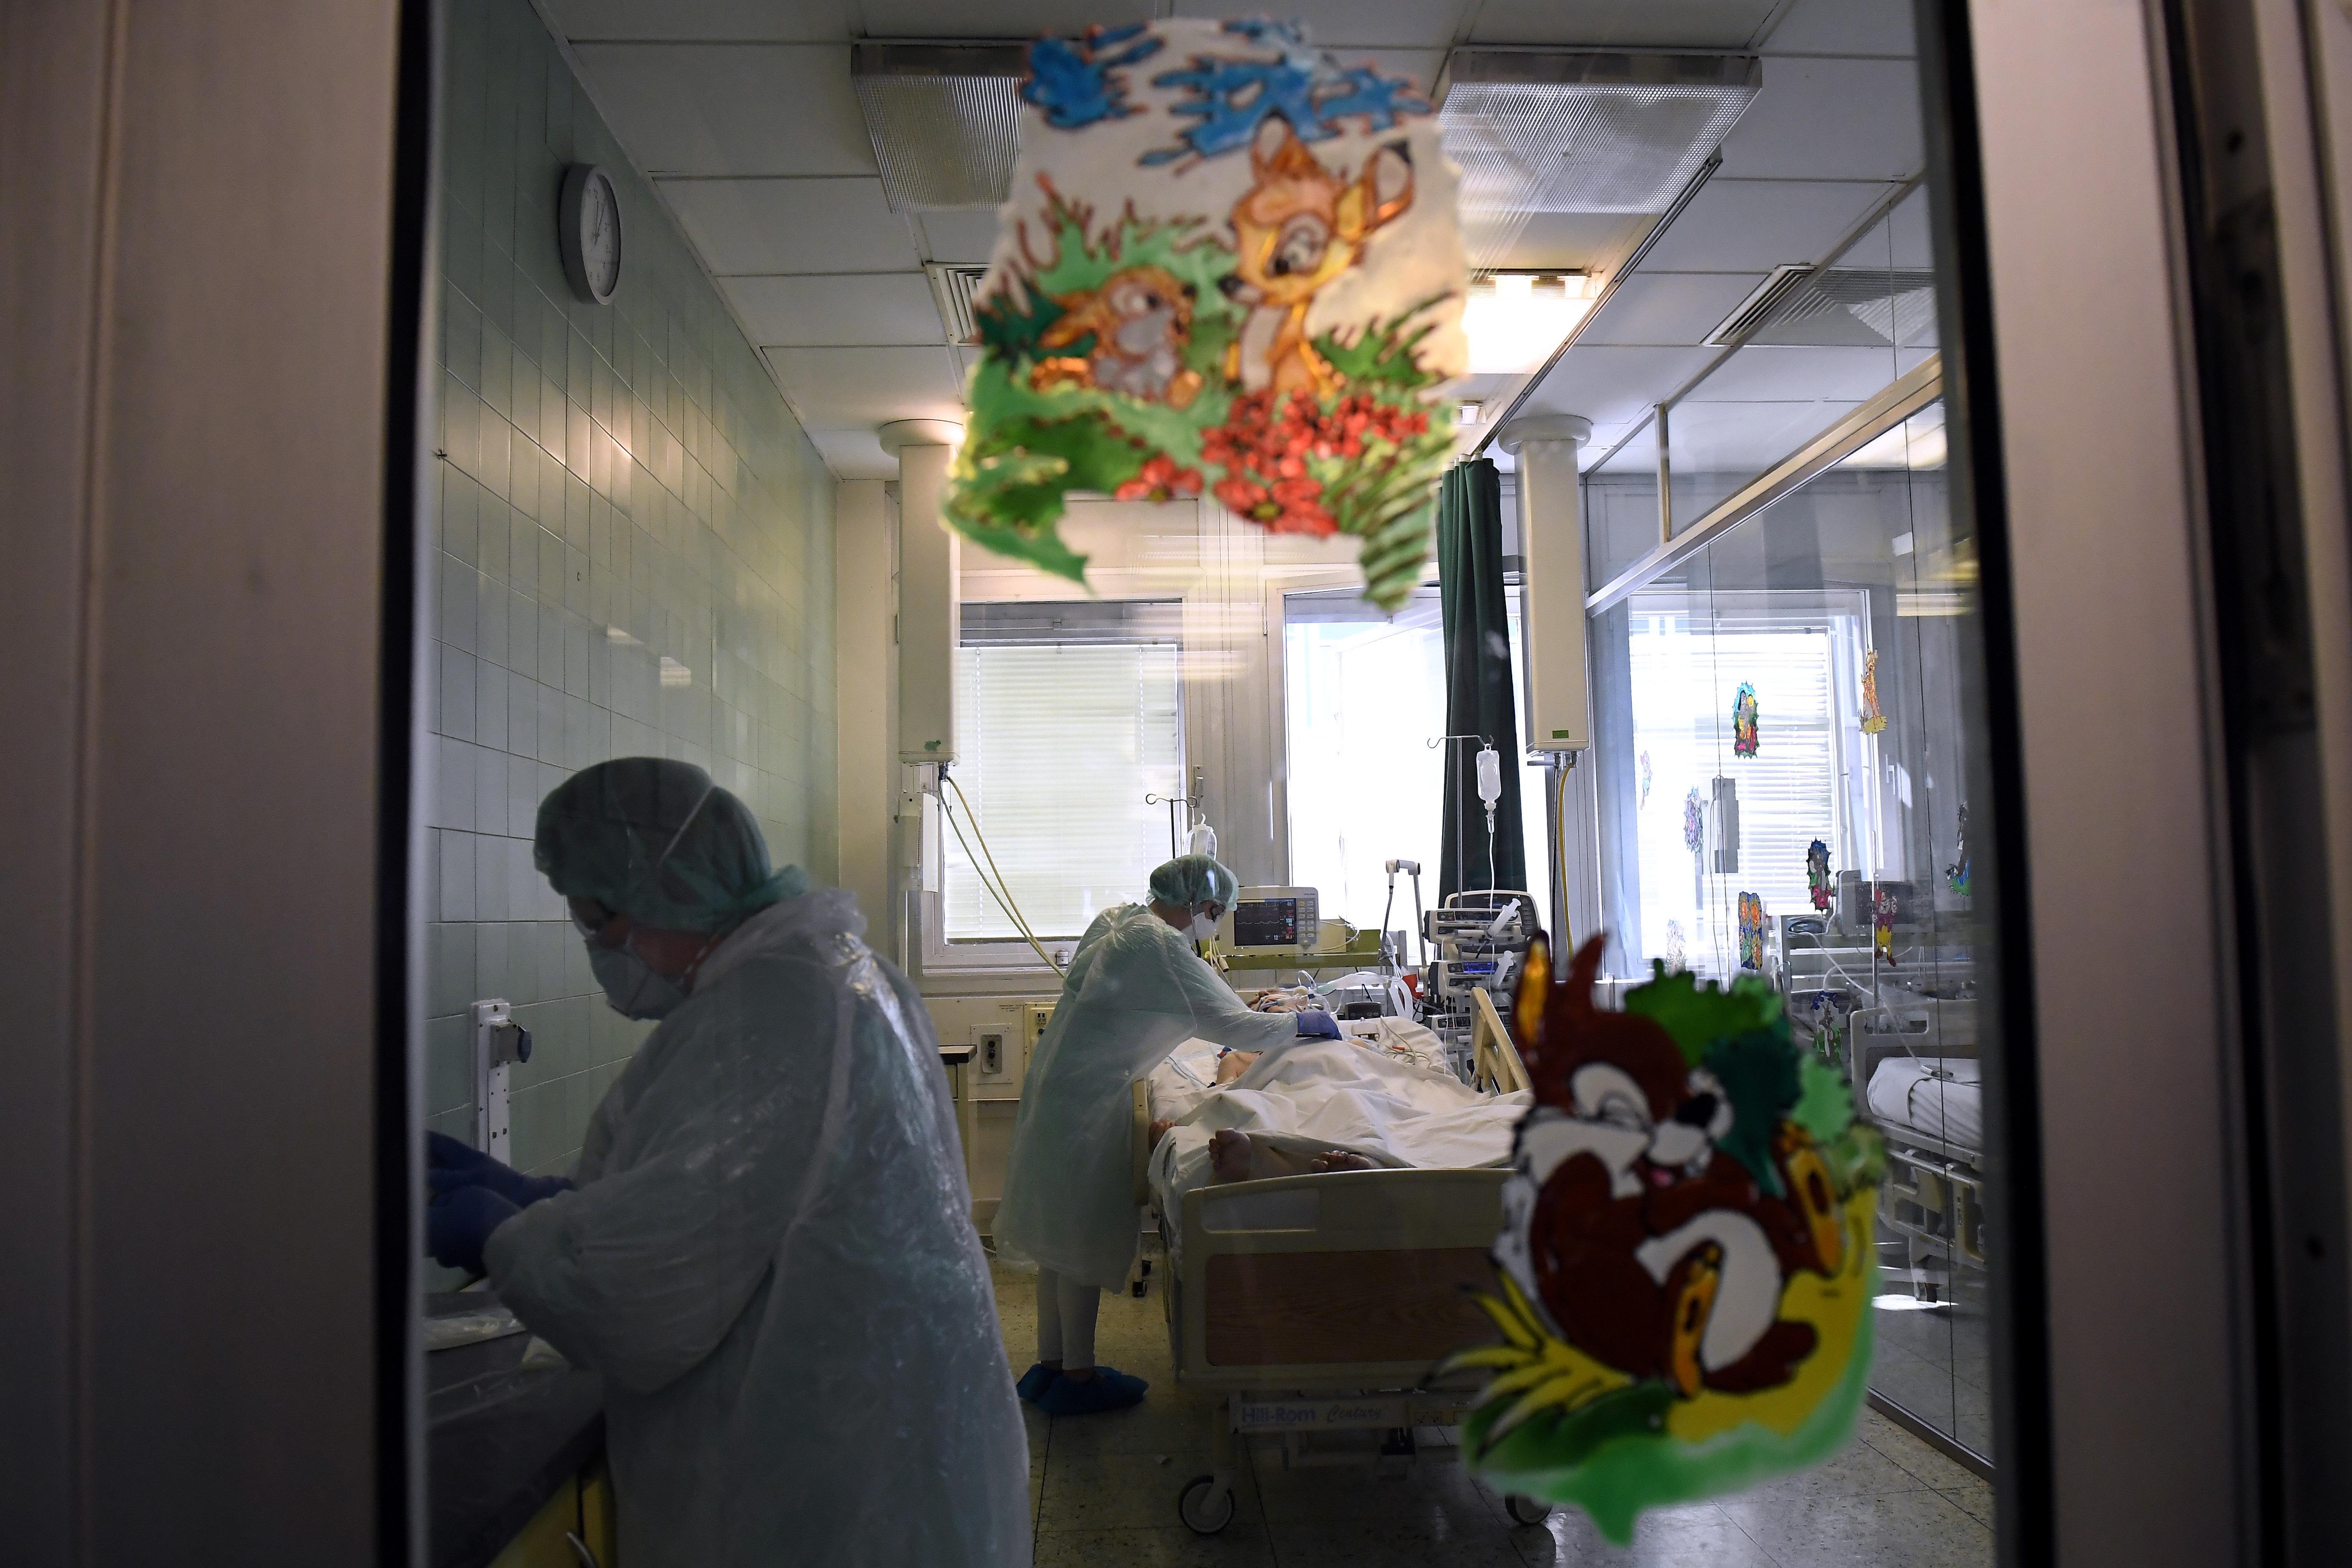 Nyugtatókat kevert a hároméves kislánya cumisüvegébe, hogy felvetesse a kórházba